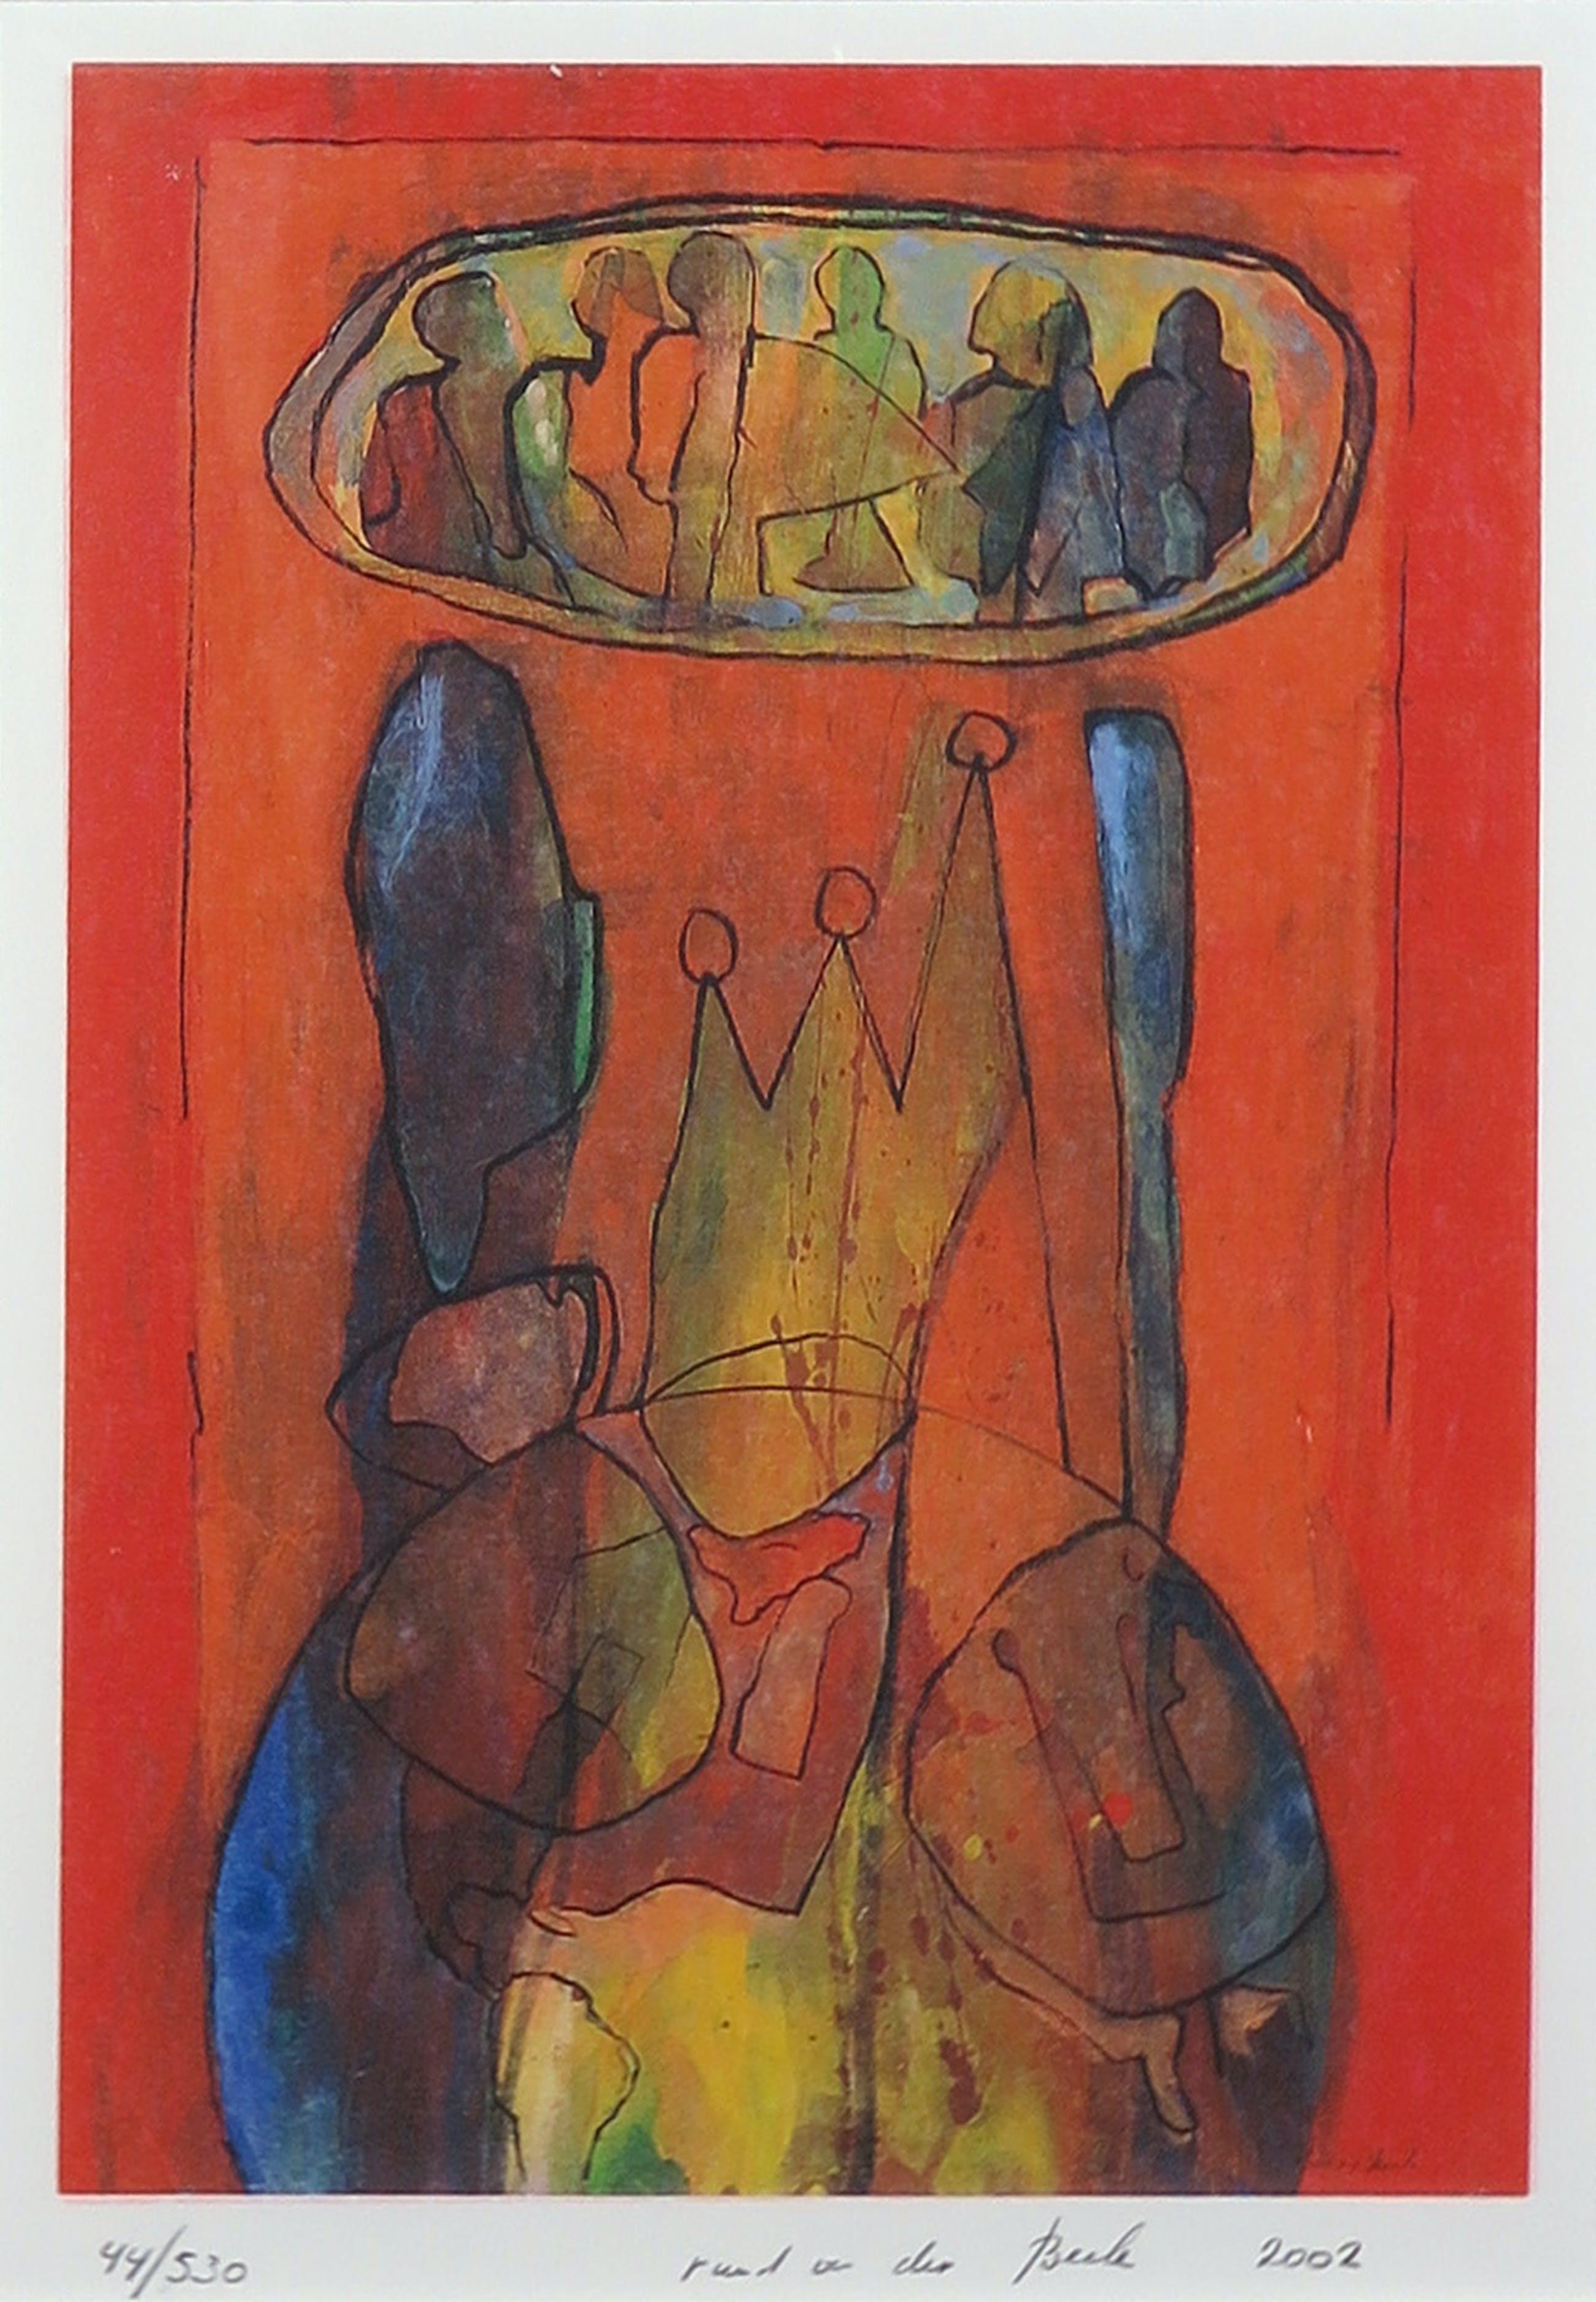 Ruud van der Beele - Zeefdruk, z.t. Abstract 2 - Ingelijst kopen? Bied vanaf 35!